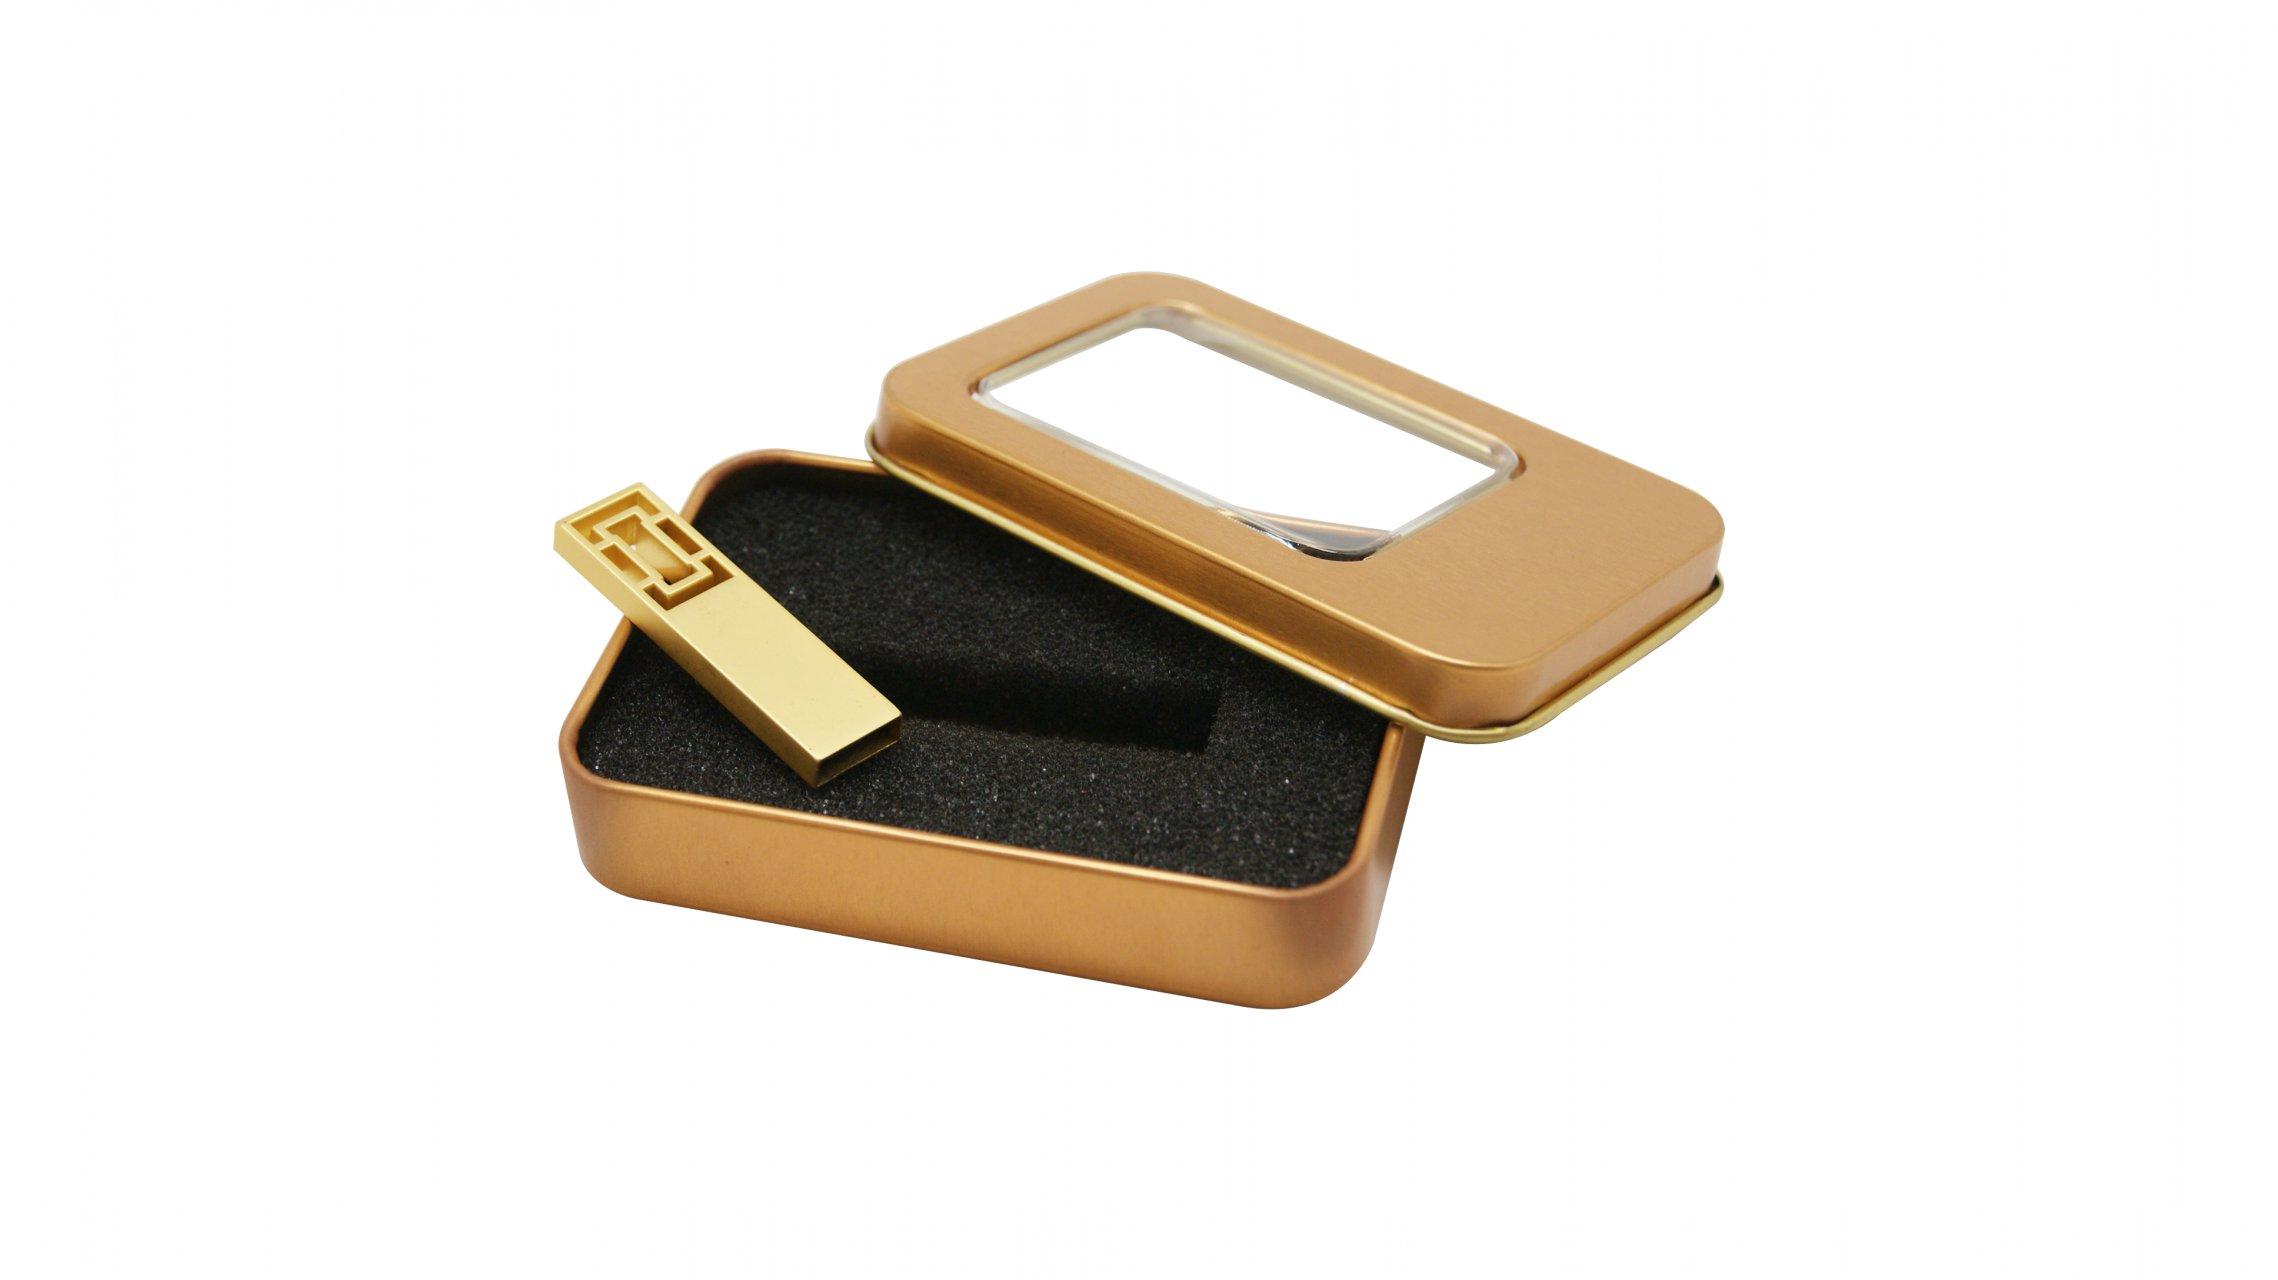 فلش مموری لوکس طلایی مدل V27 طلایی ظرفیت 8 گیگابایت+جعبه